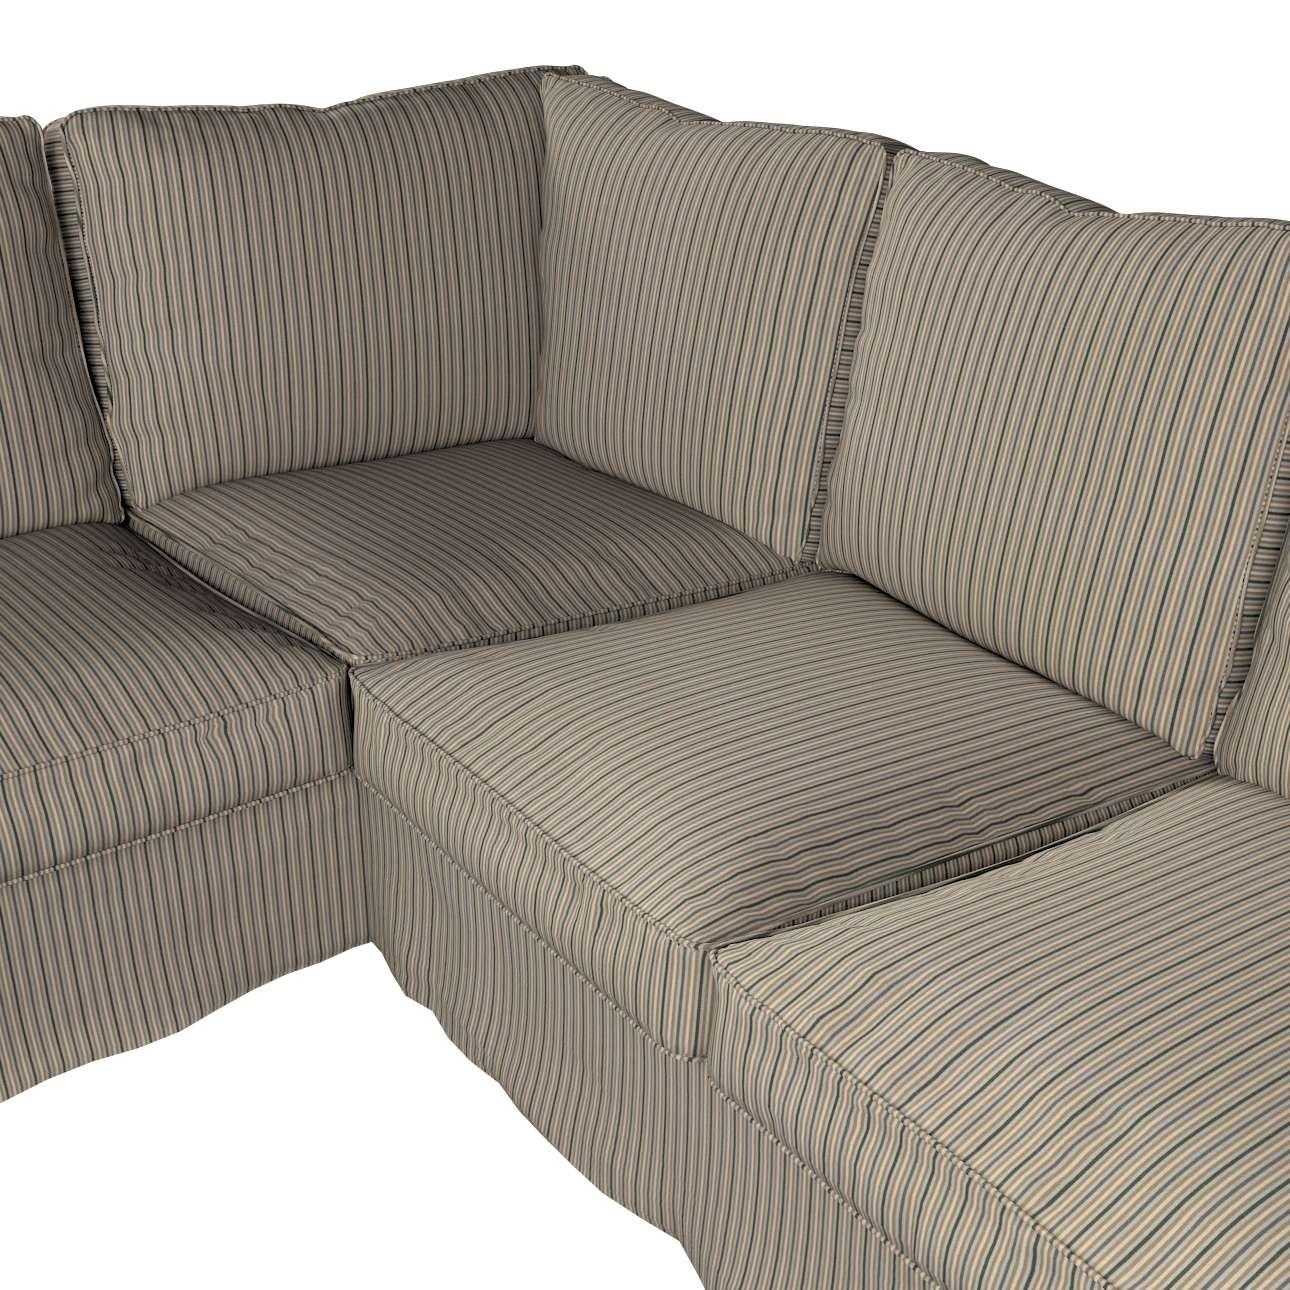 Pokrowiec na sofę narożną Ektorp w kolekcji Londres, tkanina: 143-38